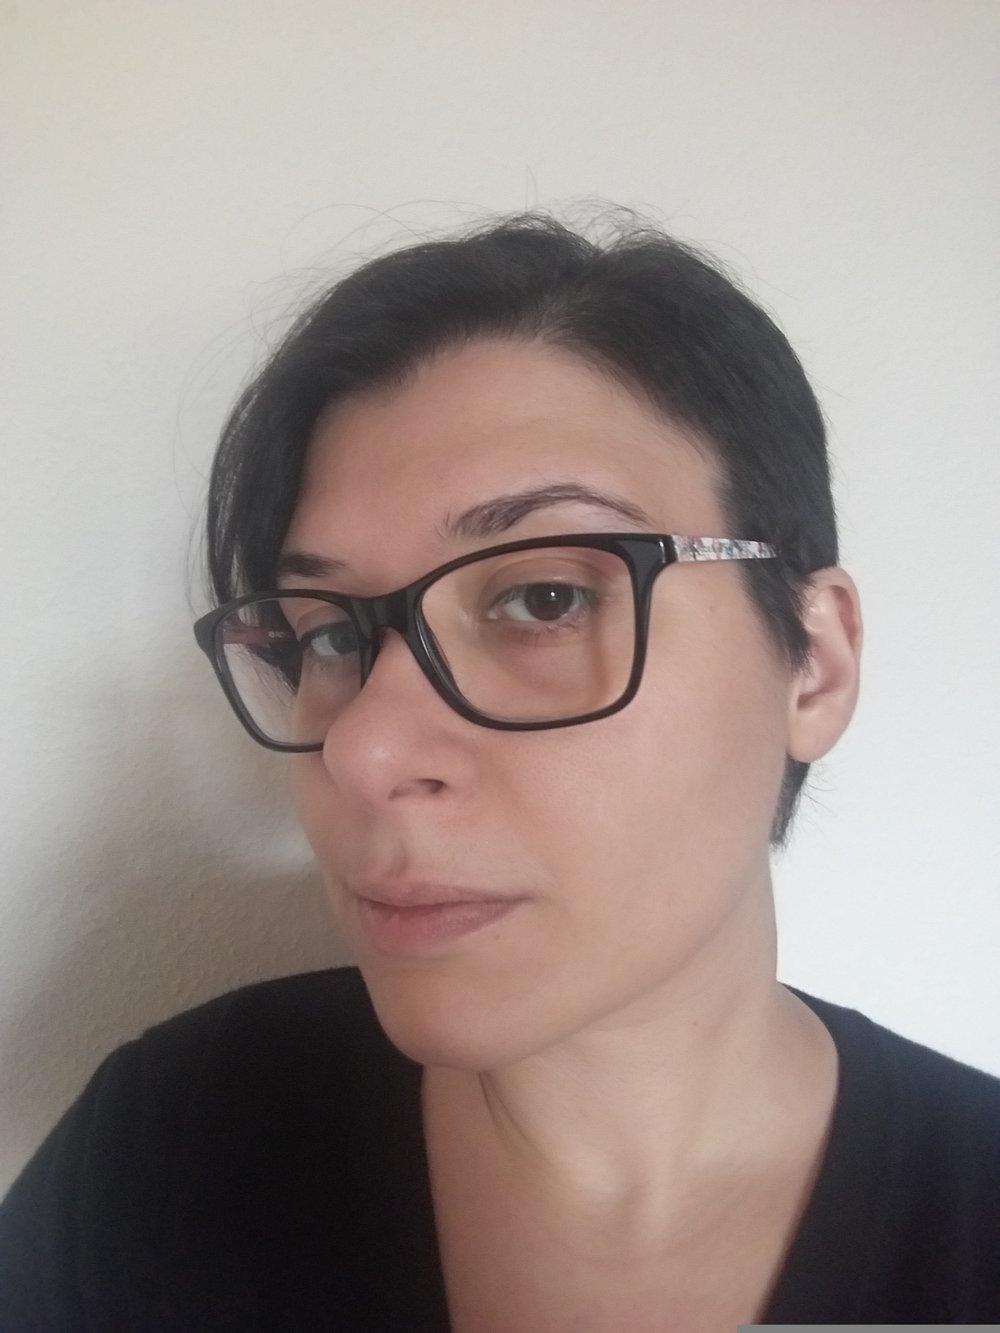 Theodoridou author photo 2018.jpg